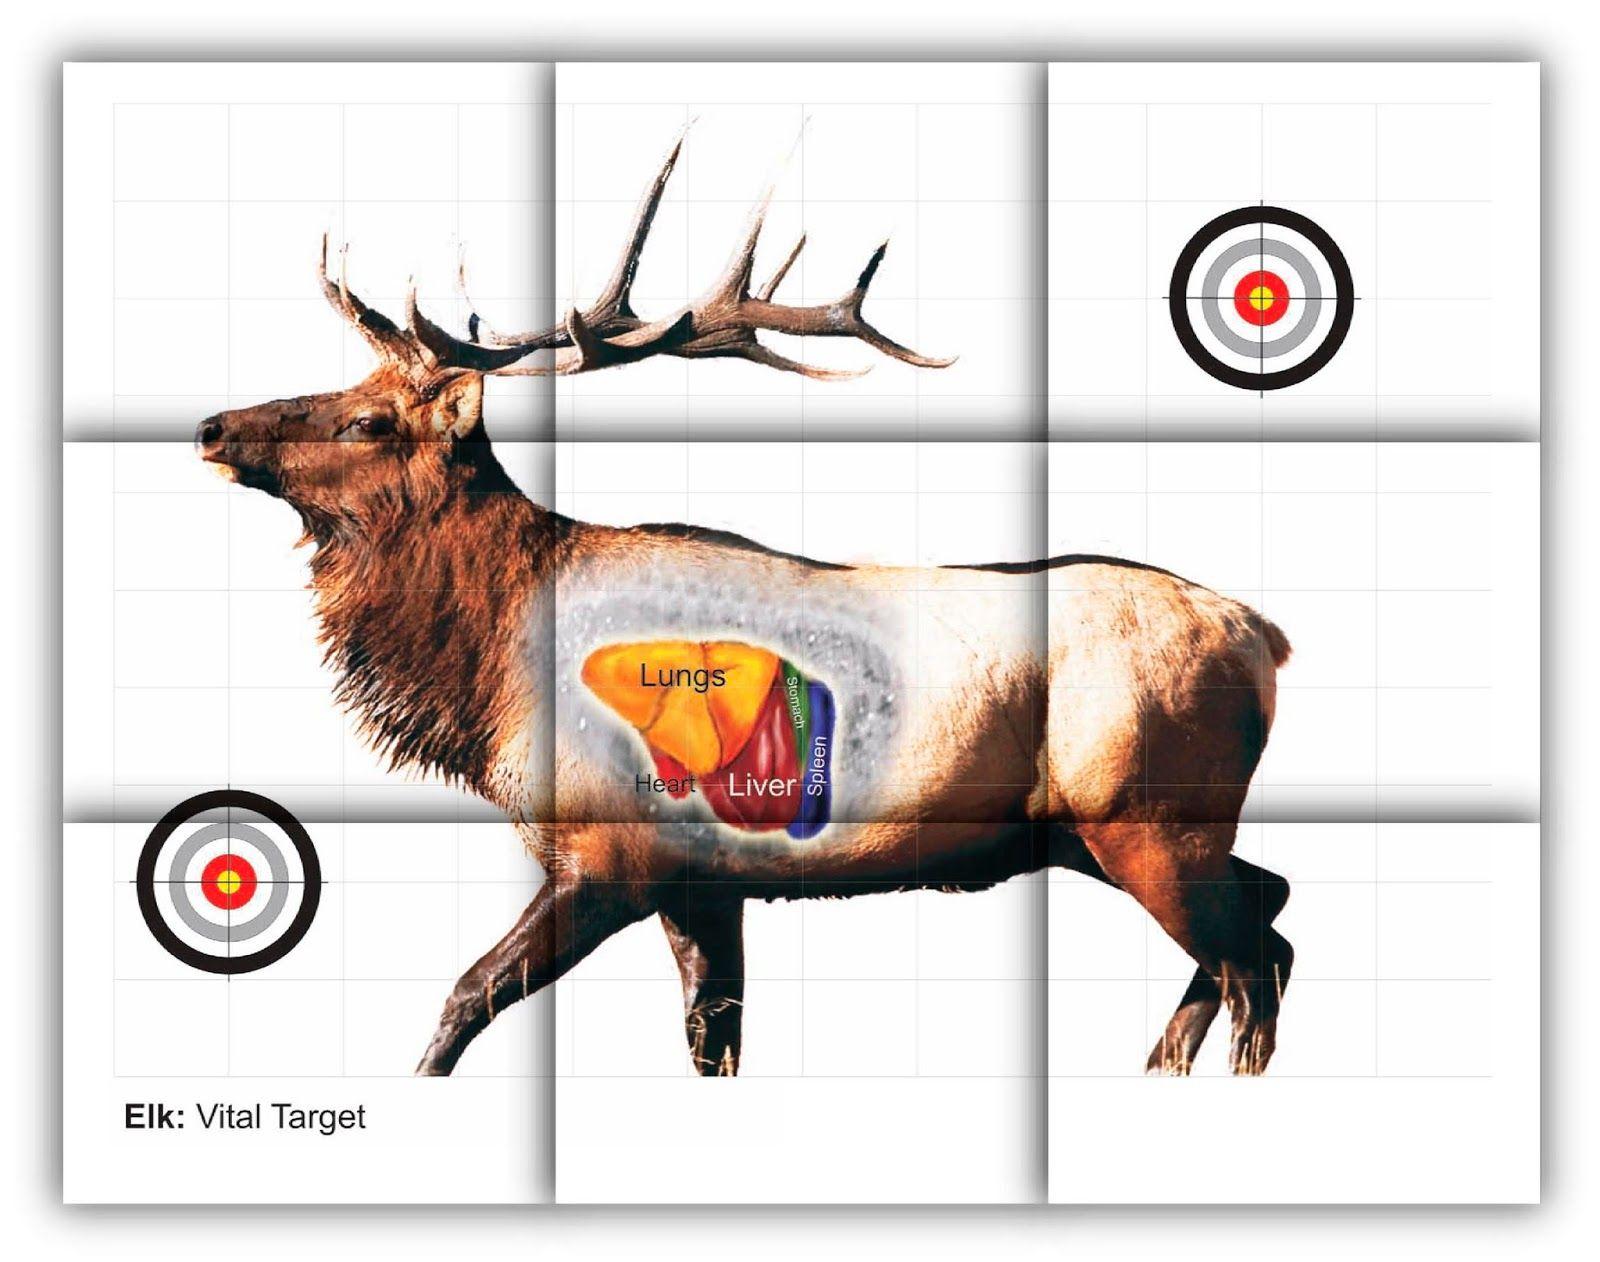 elk vitals target free printable shooting targets